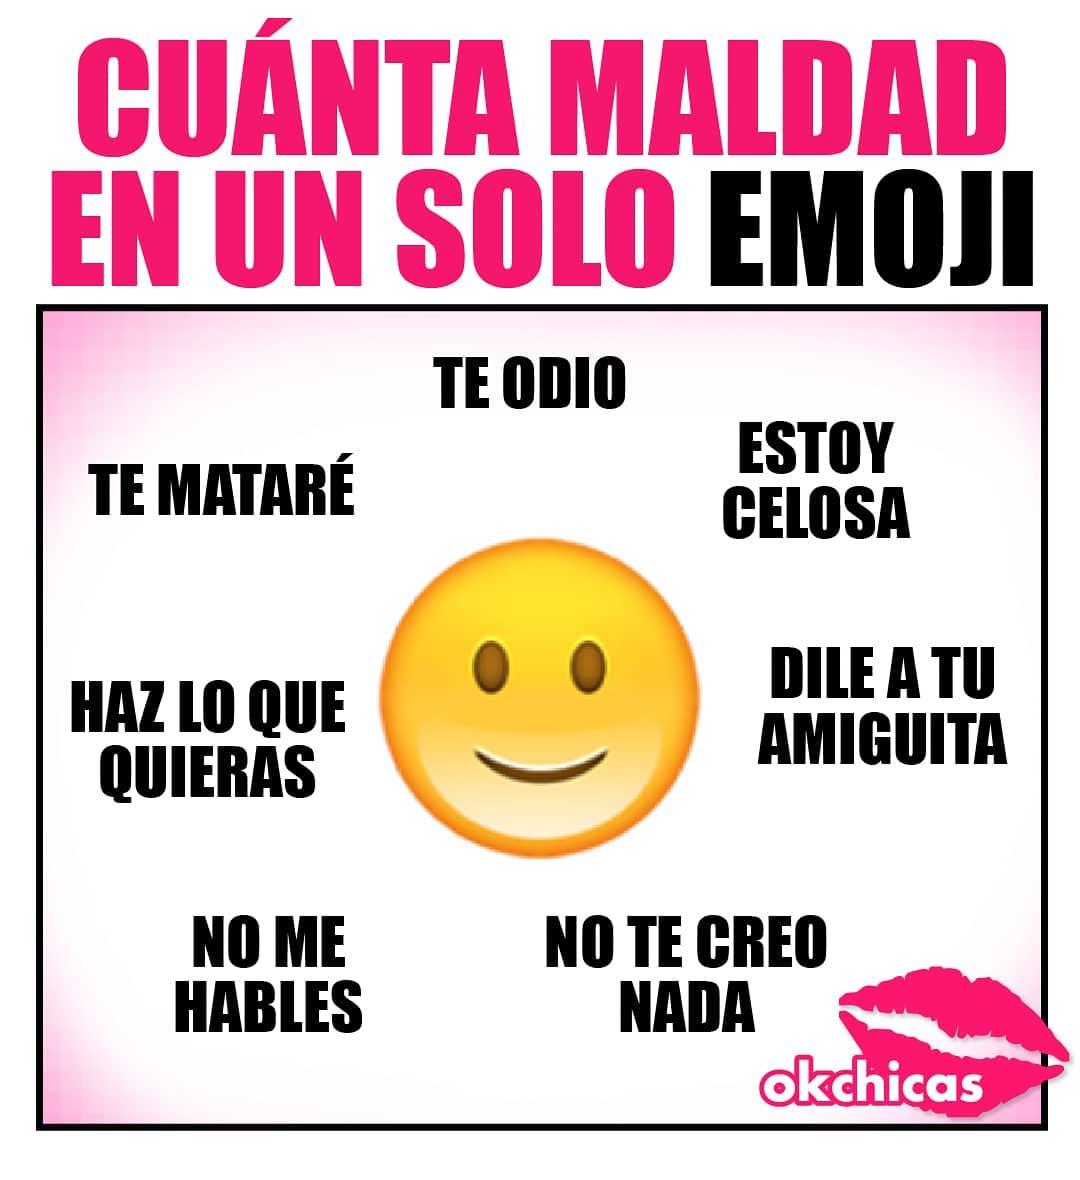 Cuanta maldad en un soto emoji: Te odio. Estoy celosa, dile a tu amiguita, no te creo nada, no me hables, haz lo que quieras, te mataré.